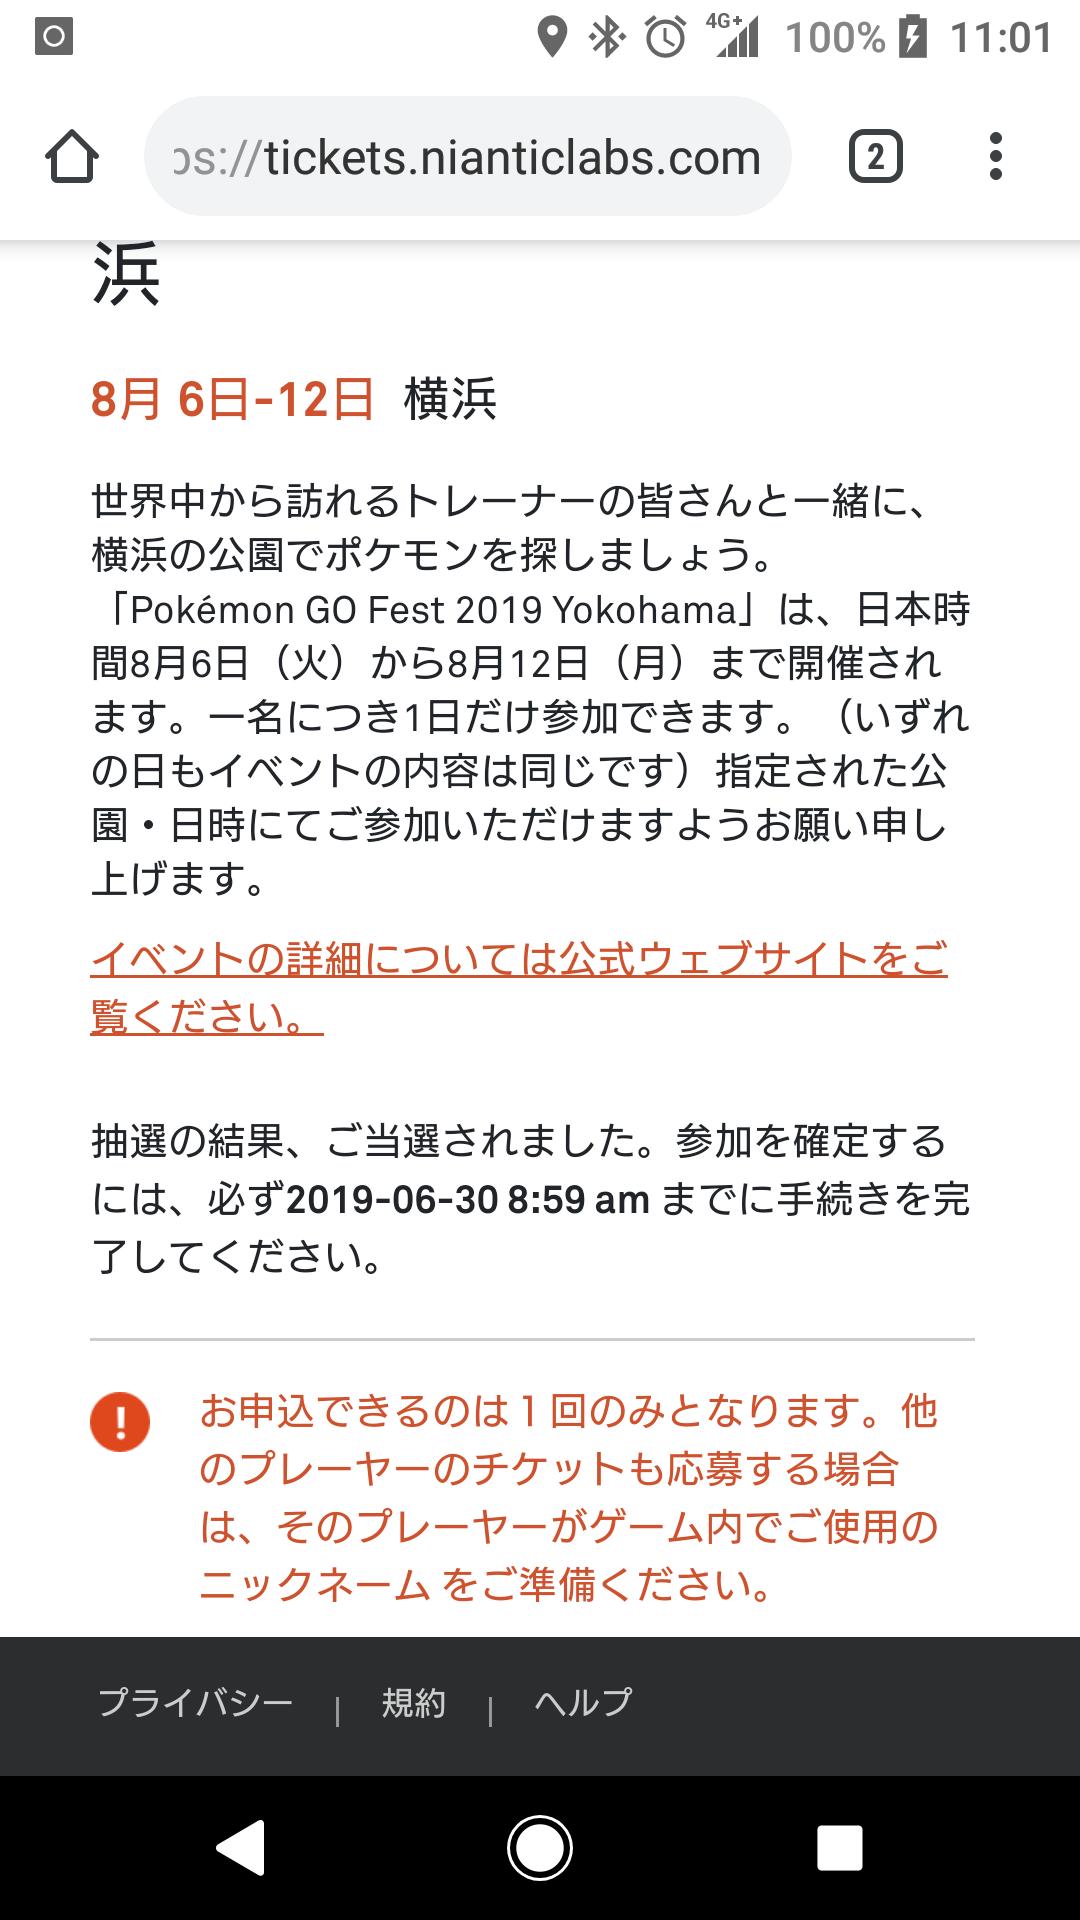 ポケモン go 横浜 イベント 当選